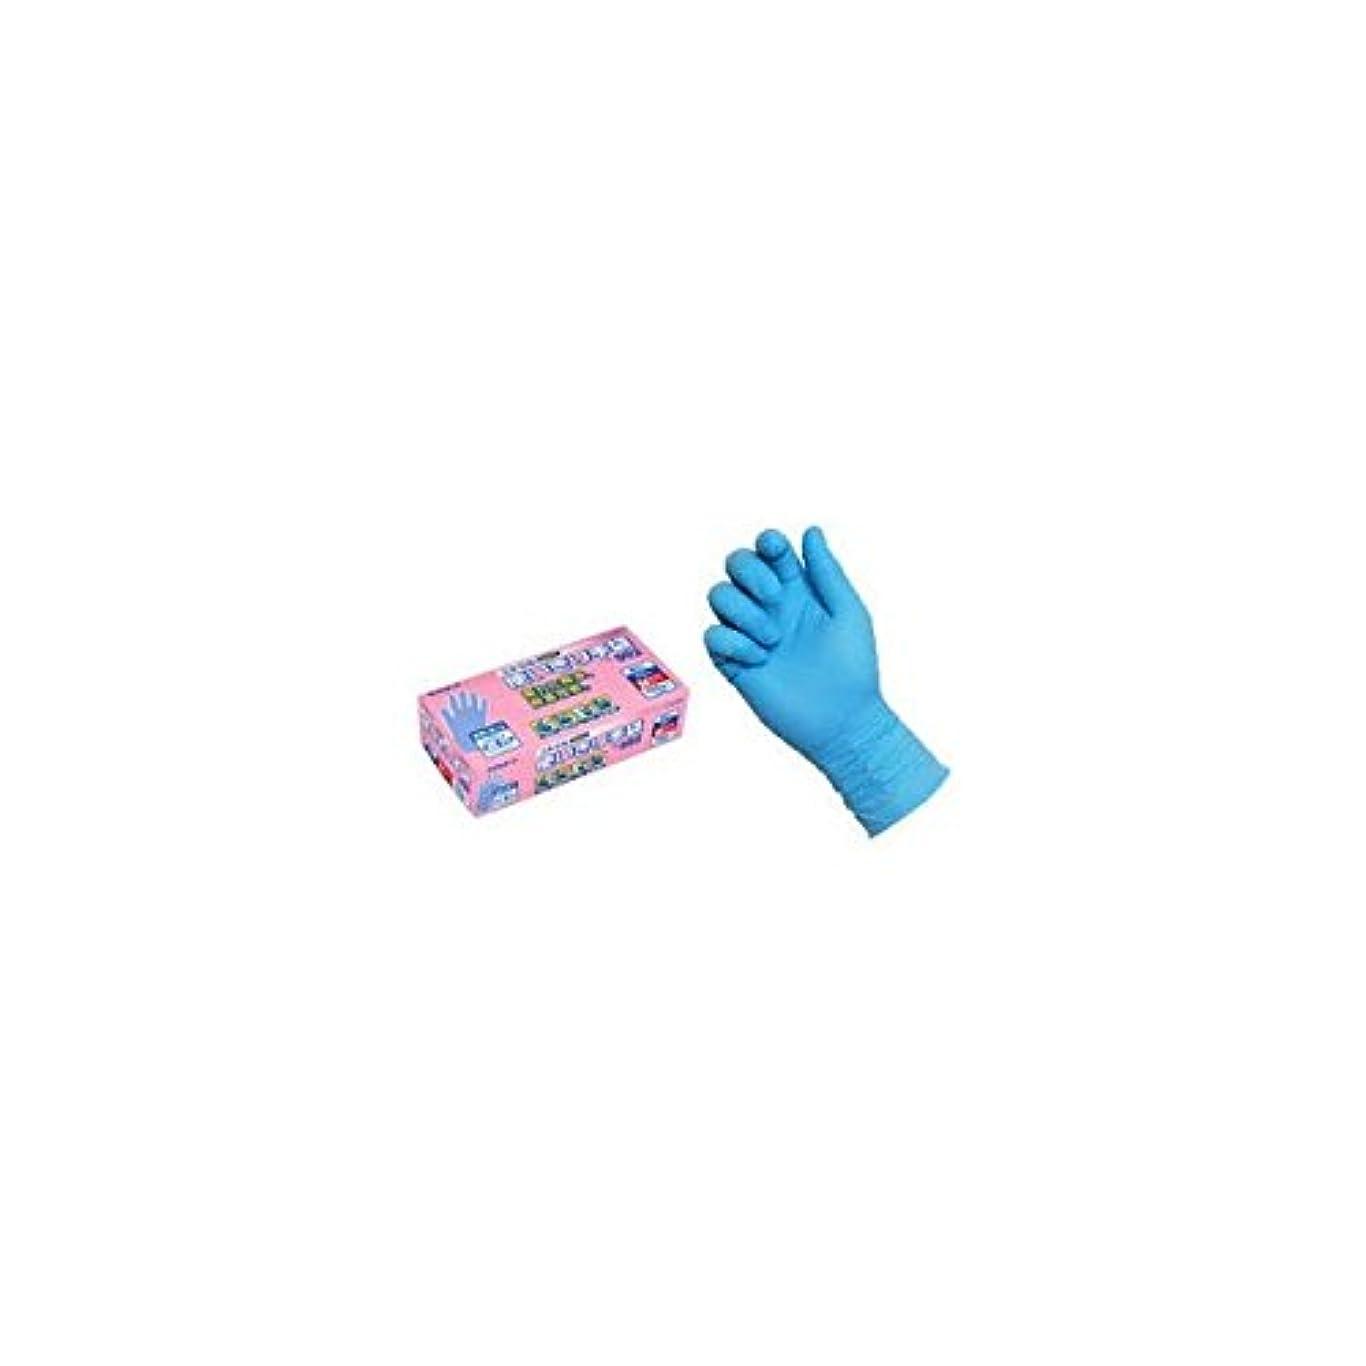 傾斜換気シダニトリル使いきり手袋 PF NO.992 S ブルー エステー 【商品CD】ST4762